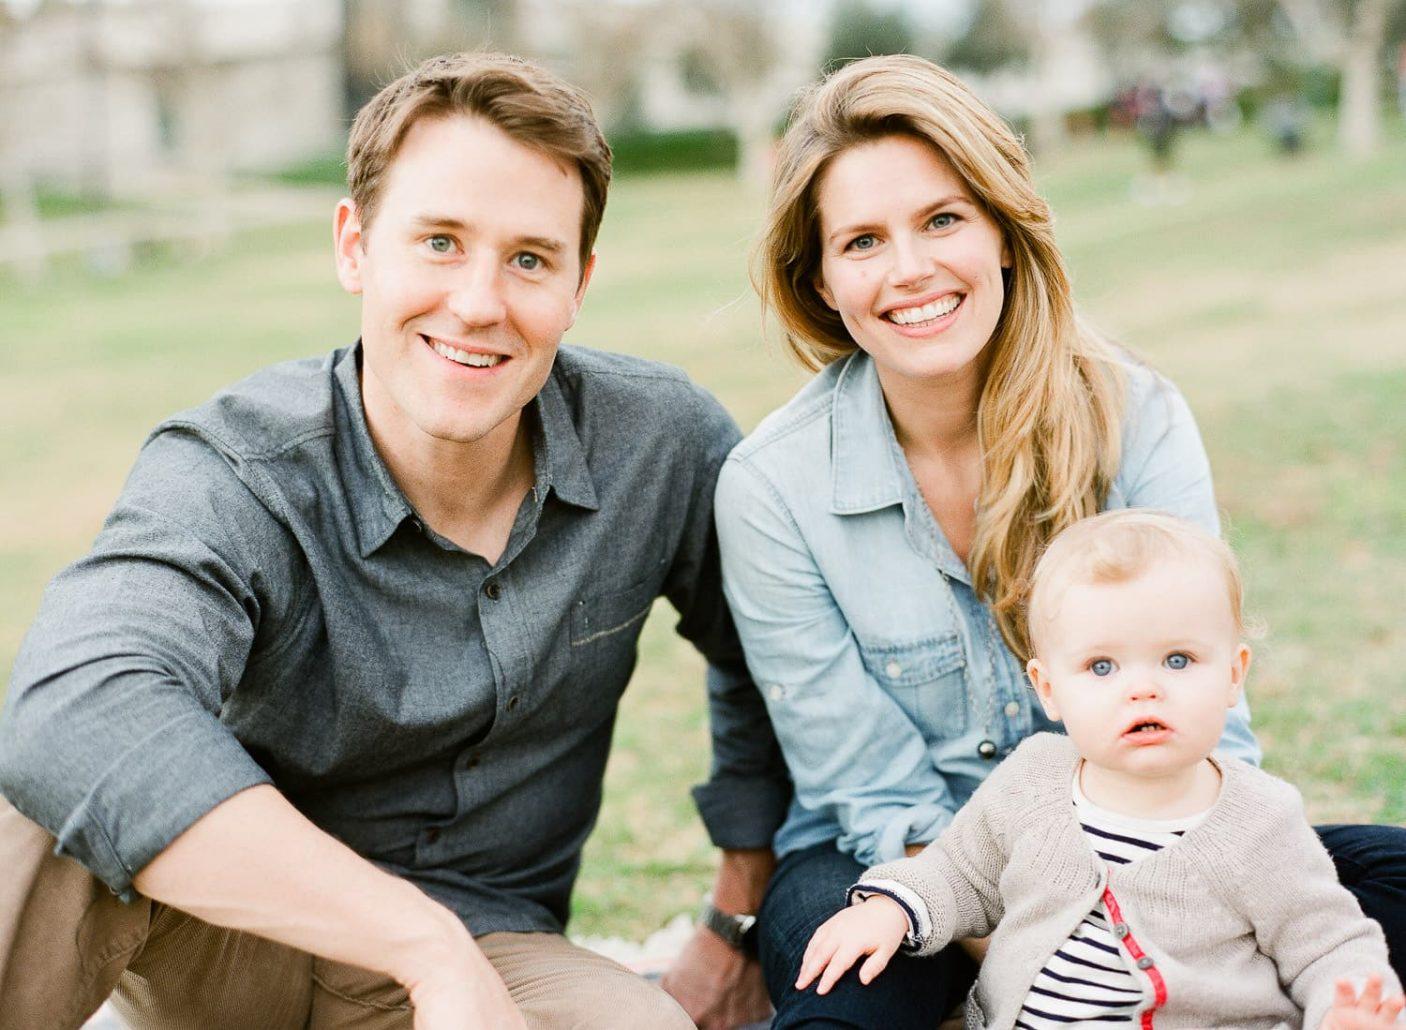 Irvine-Family-Photographer-Greg-Ross-023-2